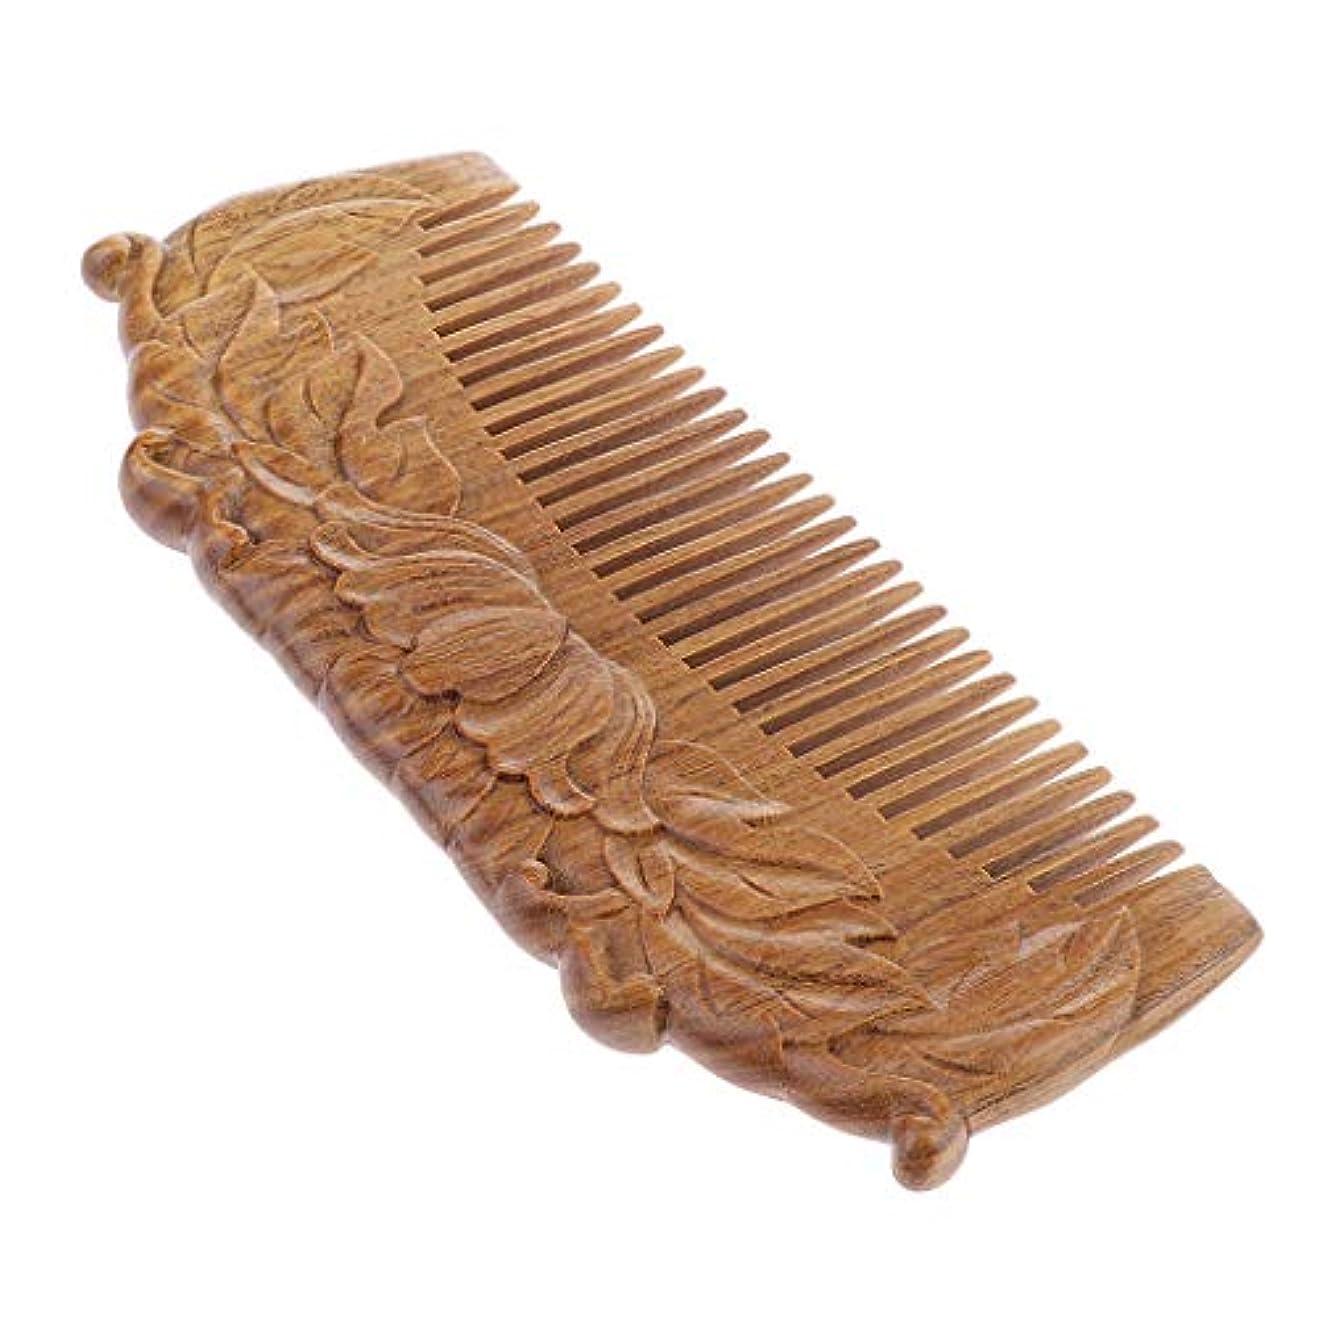 揺れる想起ビヨンウッドコーム 木製櫛 高品質 手作り 天然木 帯電防止櫛 頭皮マッサージ ヘアブラシ